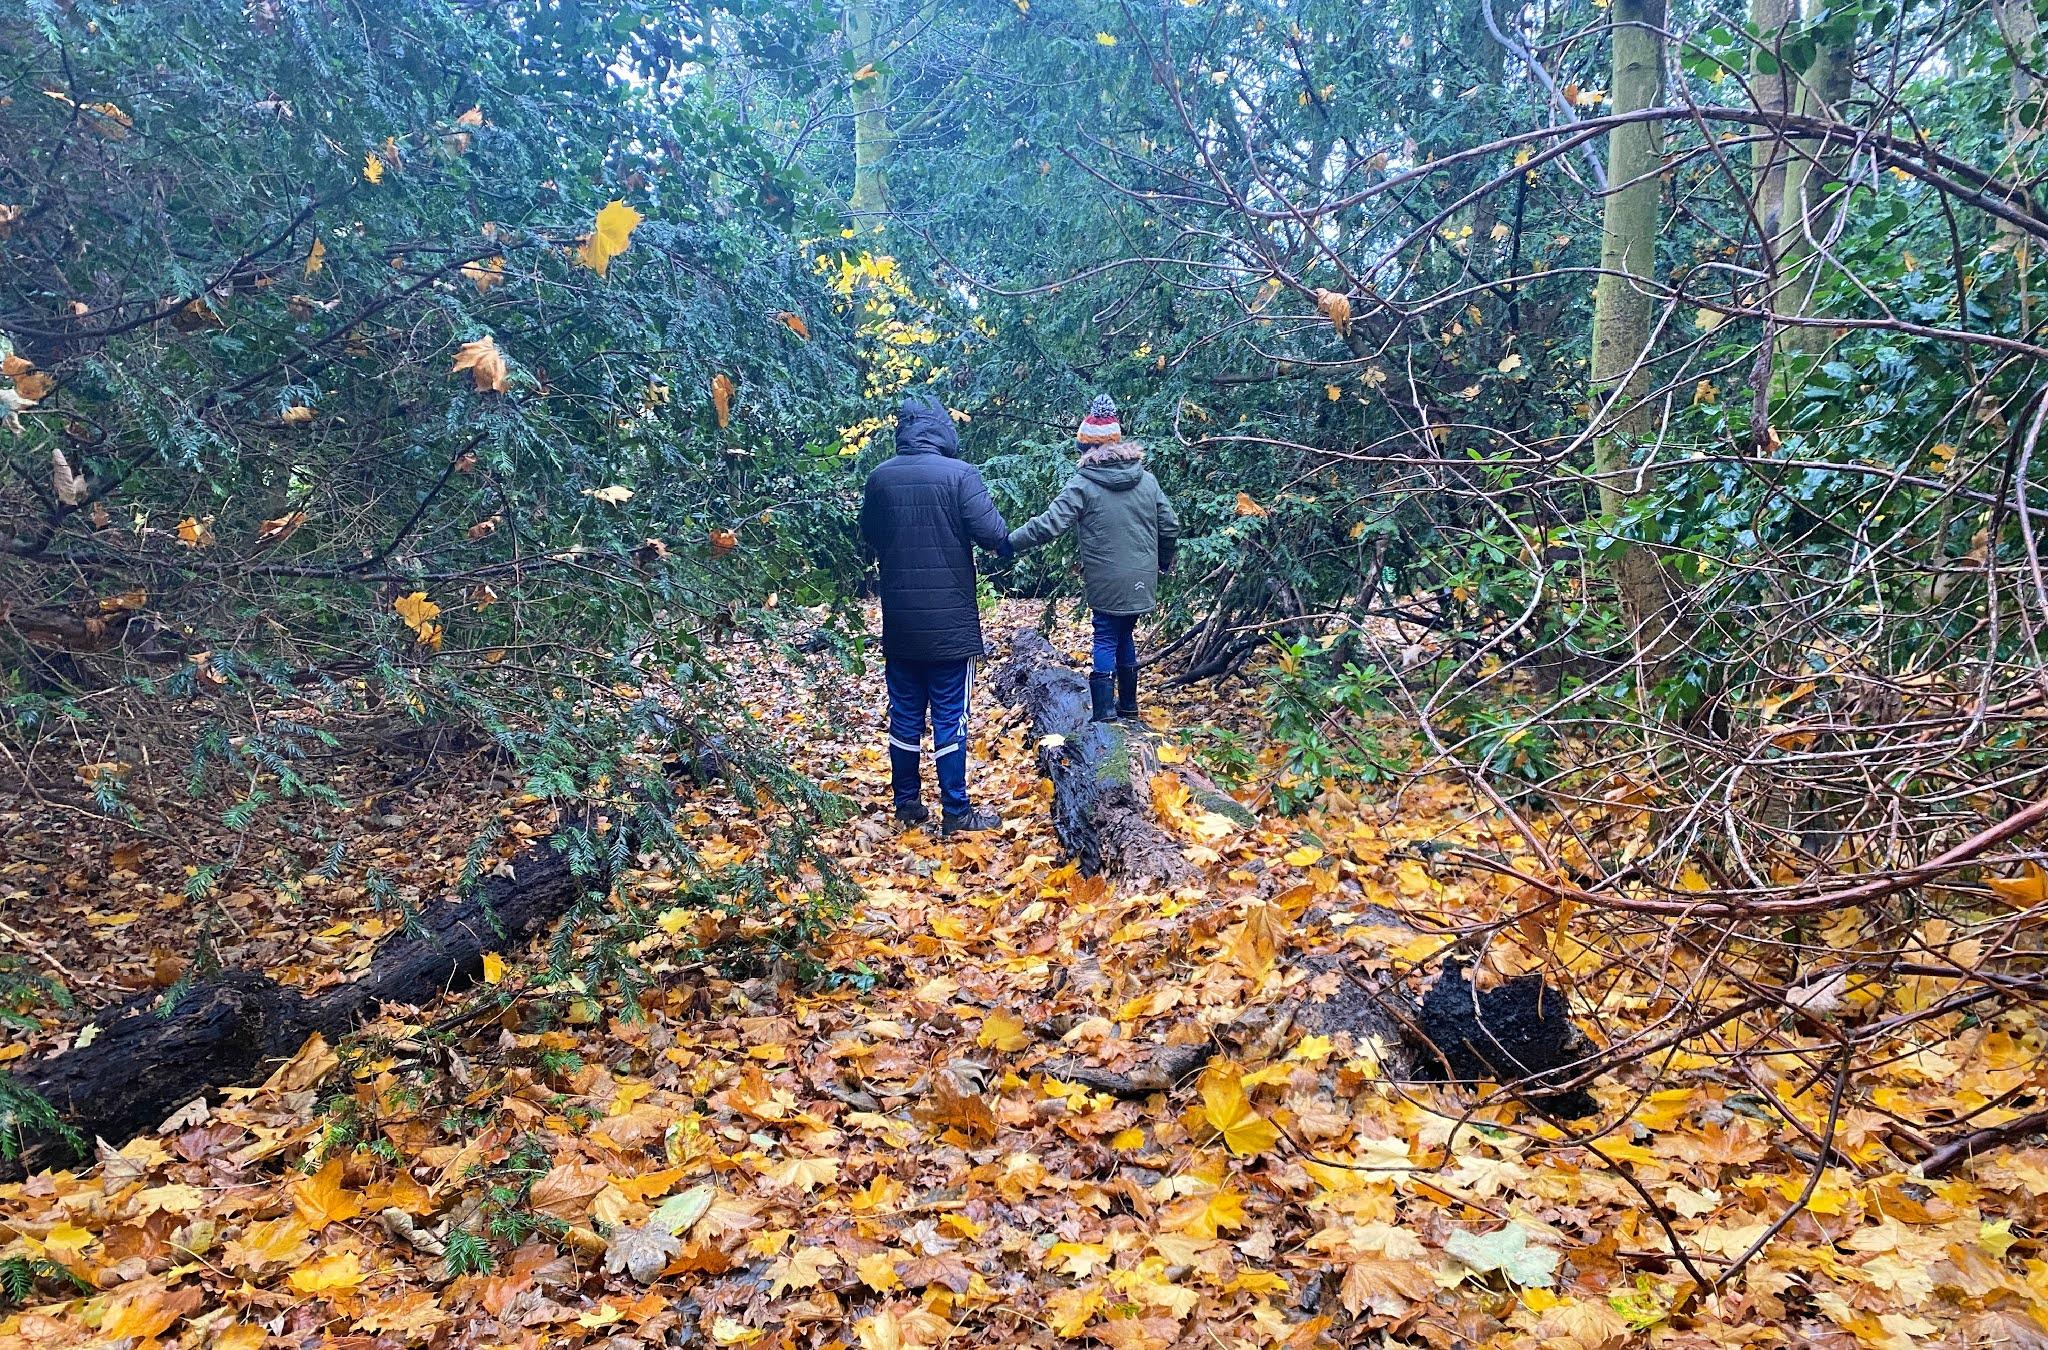 man and boy walking through woods